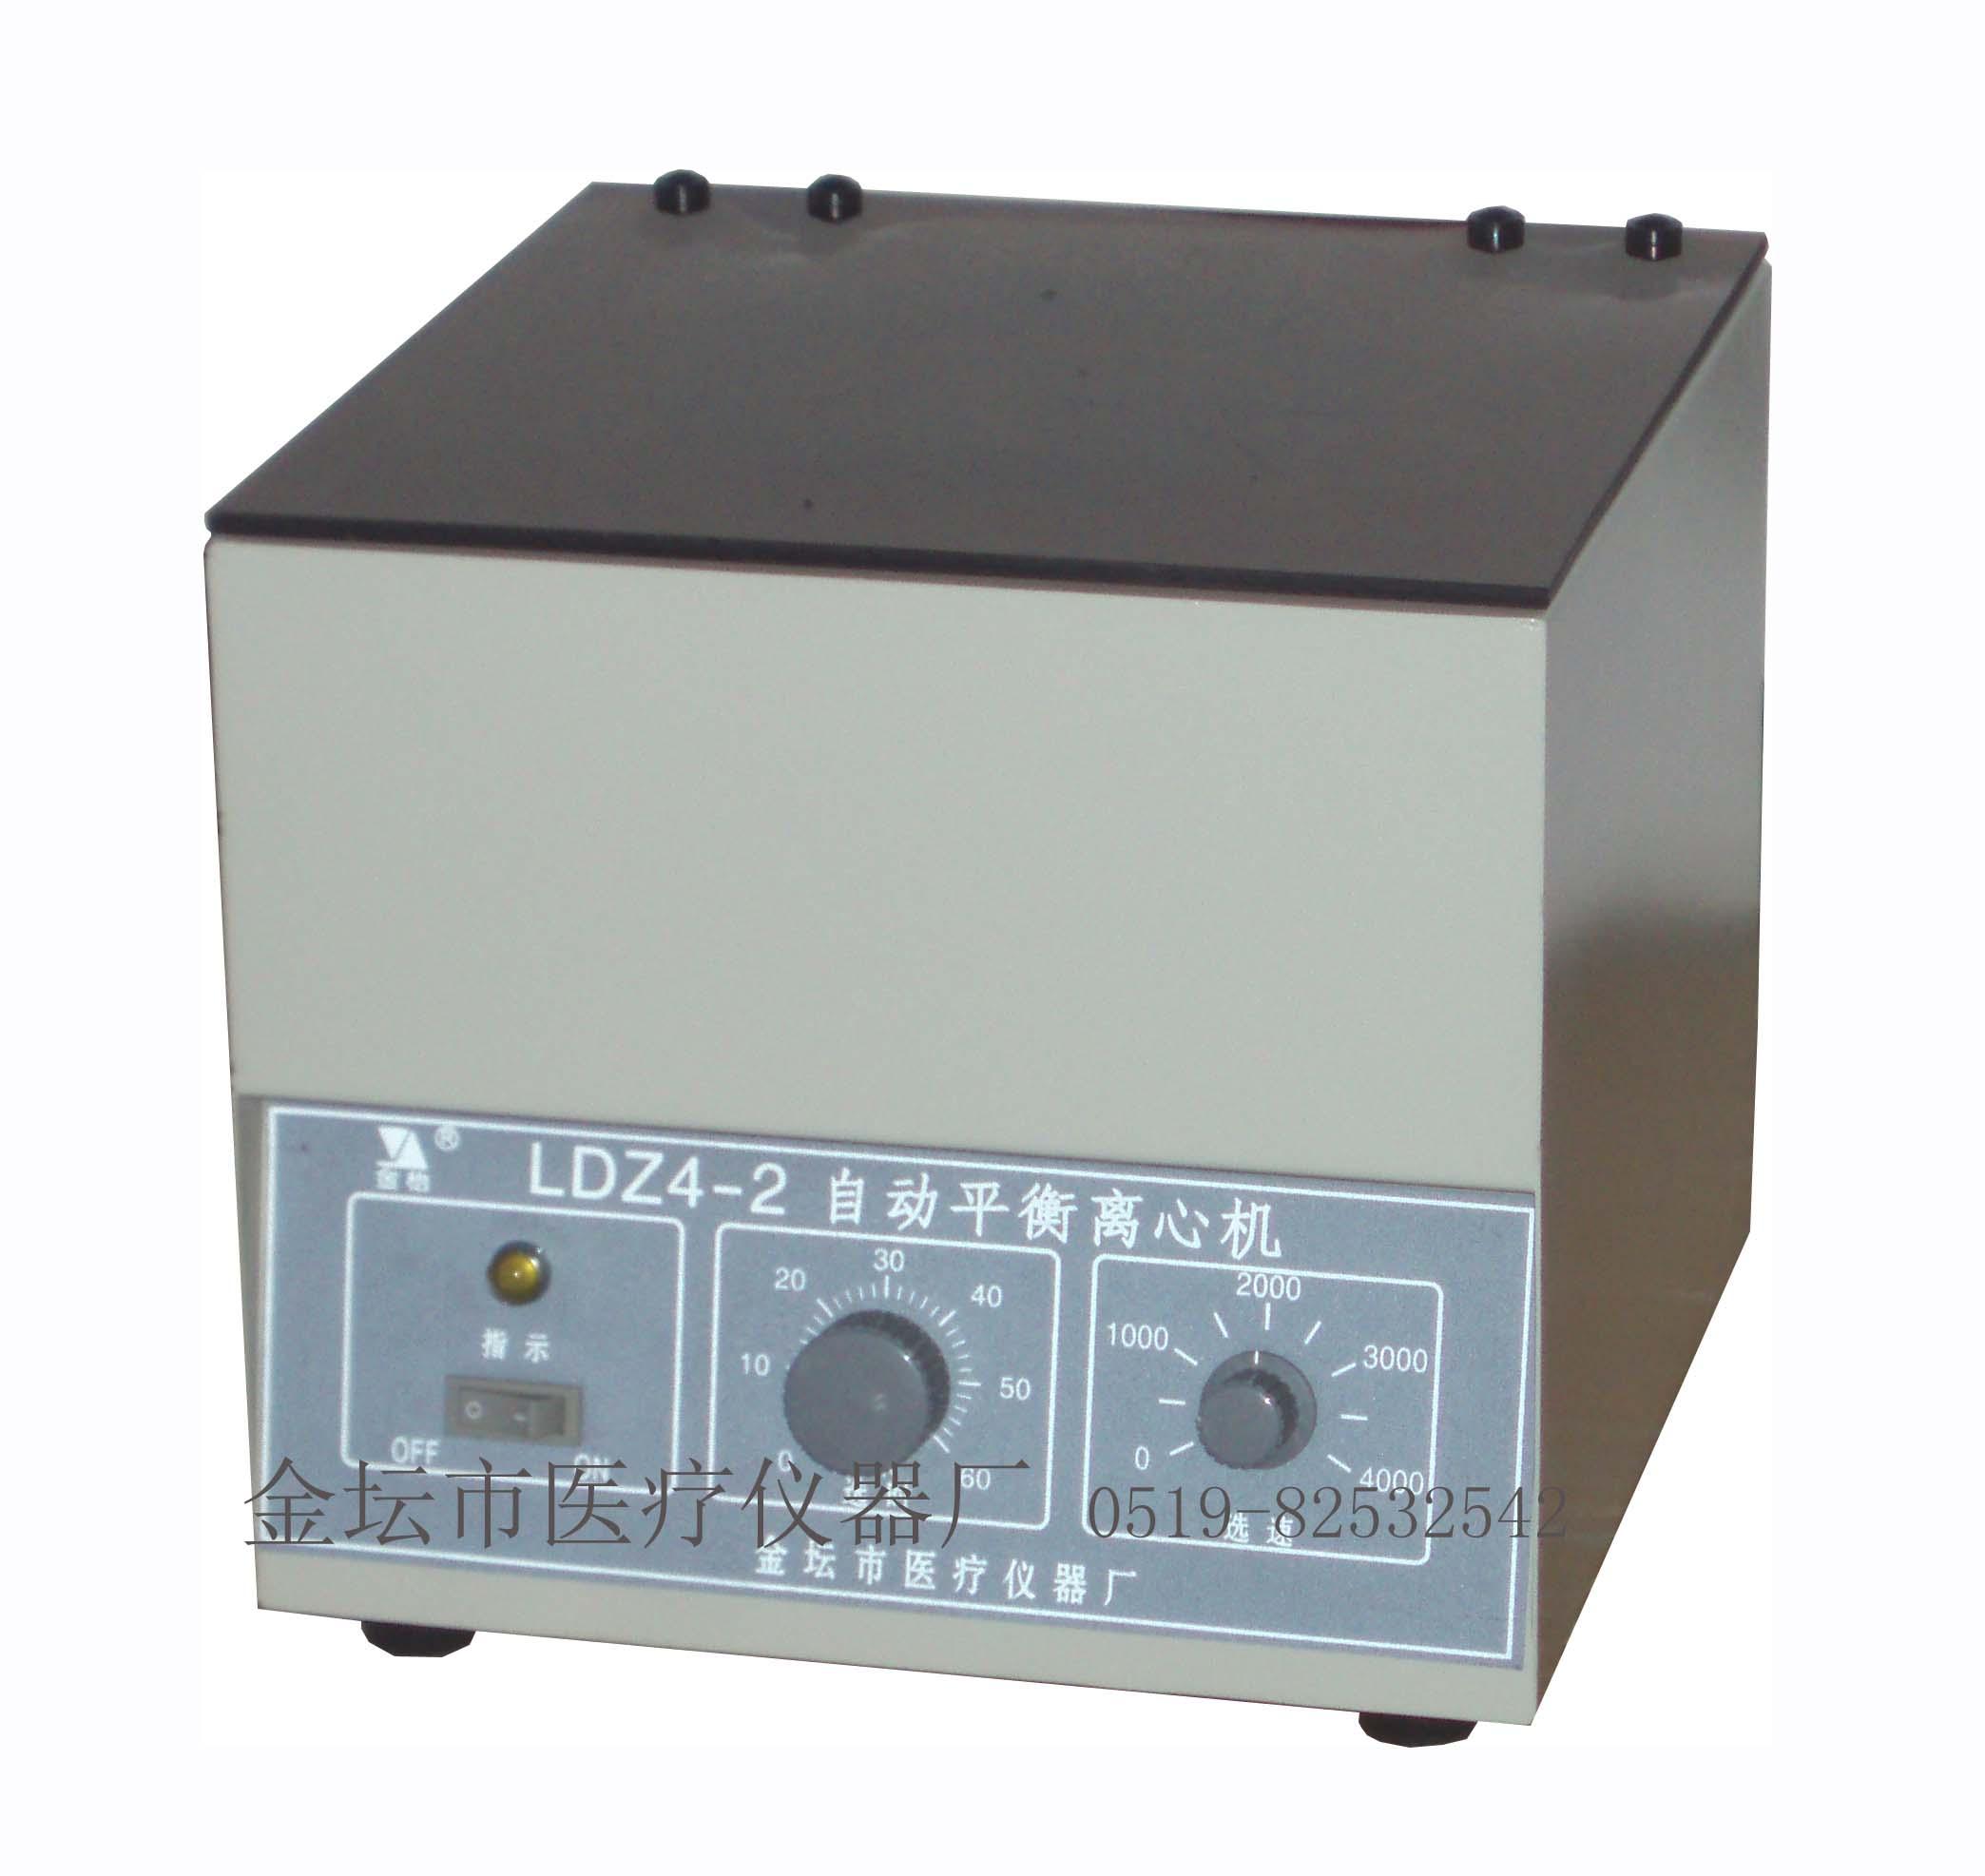 江苏金坛LDZ4-2自动平衡离心机